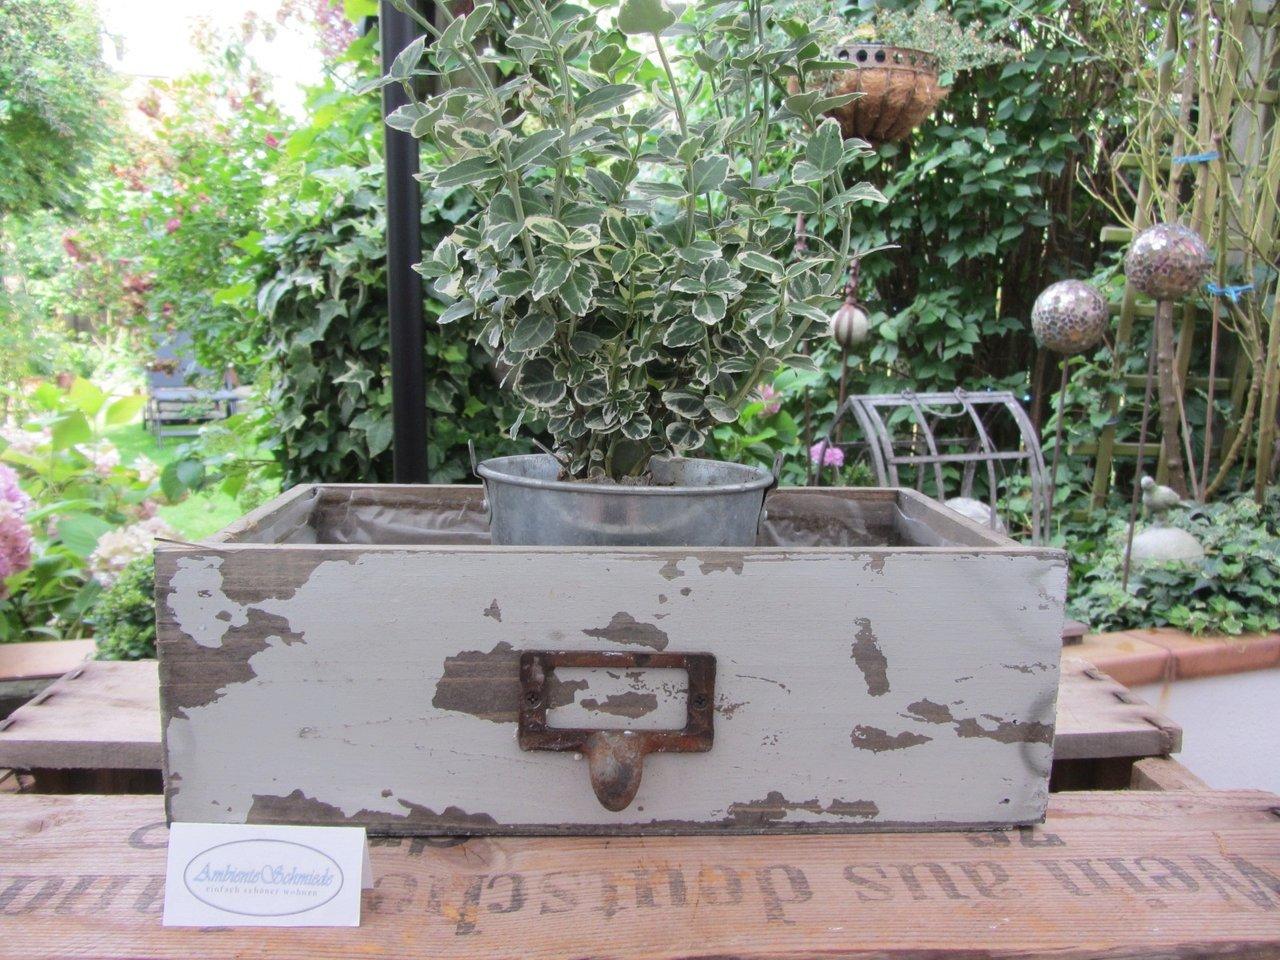 IMG 0074 Holz Pflanz Schublade zum bepflanzen Deko Garten Vintage Shabby ambienteschmiede JPG